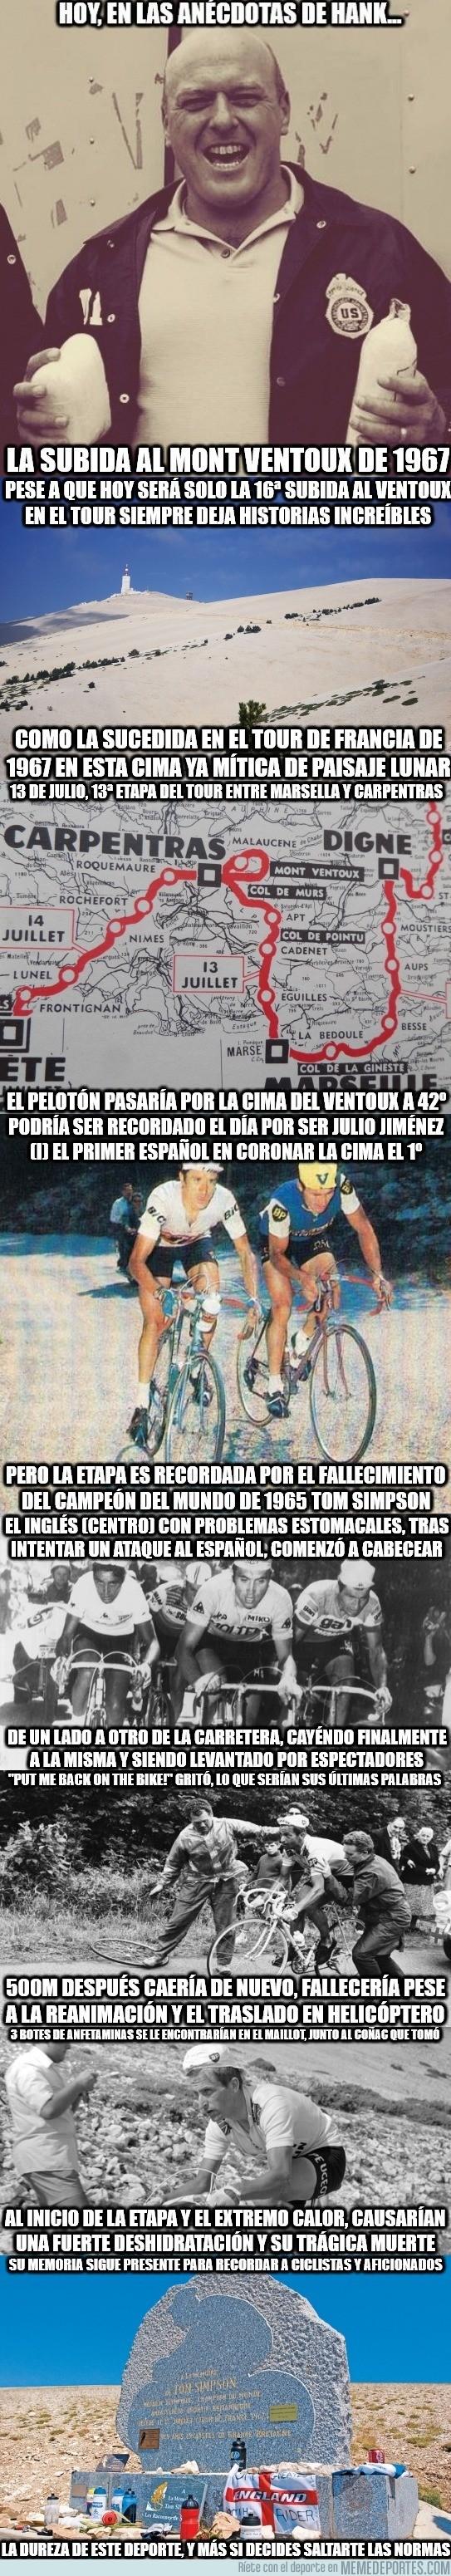 889859 - Anécdotas de Hank: la subida al Mont Ventoux de 1967